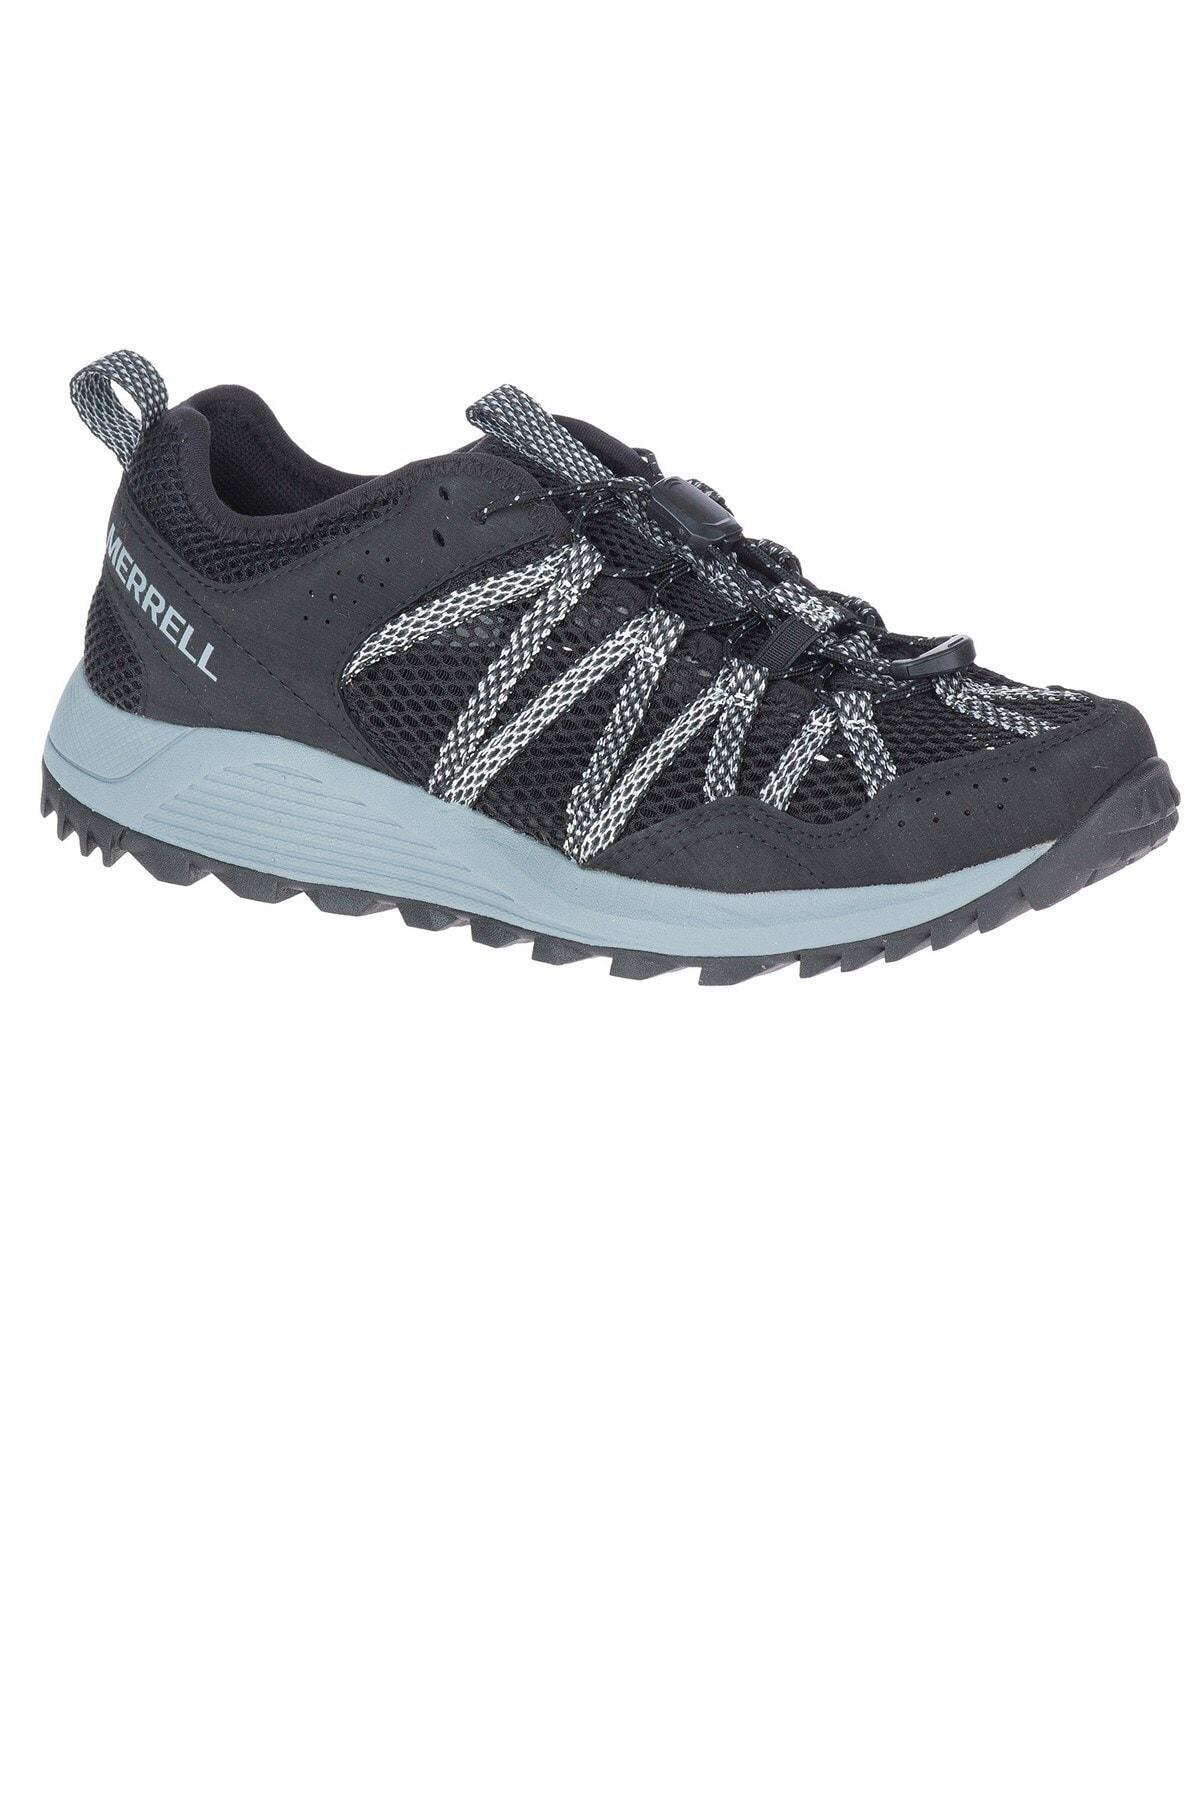 Wildwood Aerosport Kadın Outdoor Ayakkabı J036152